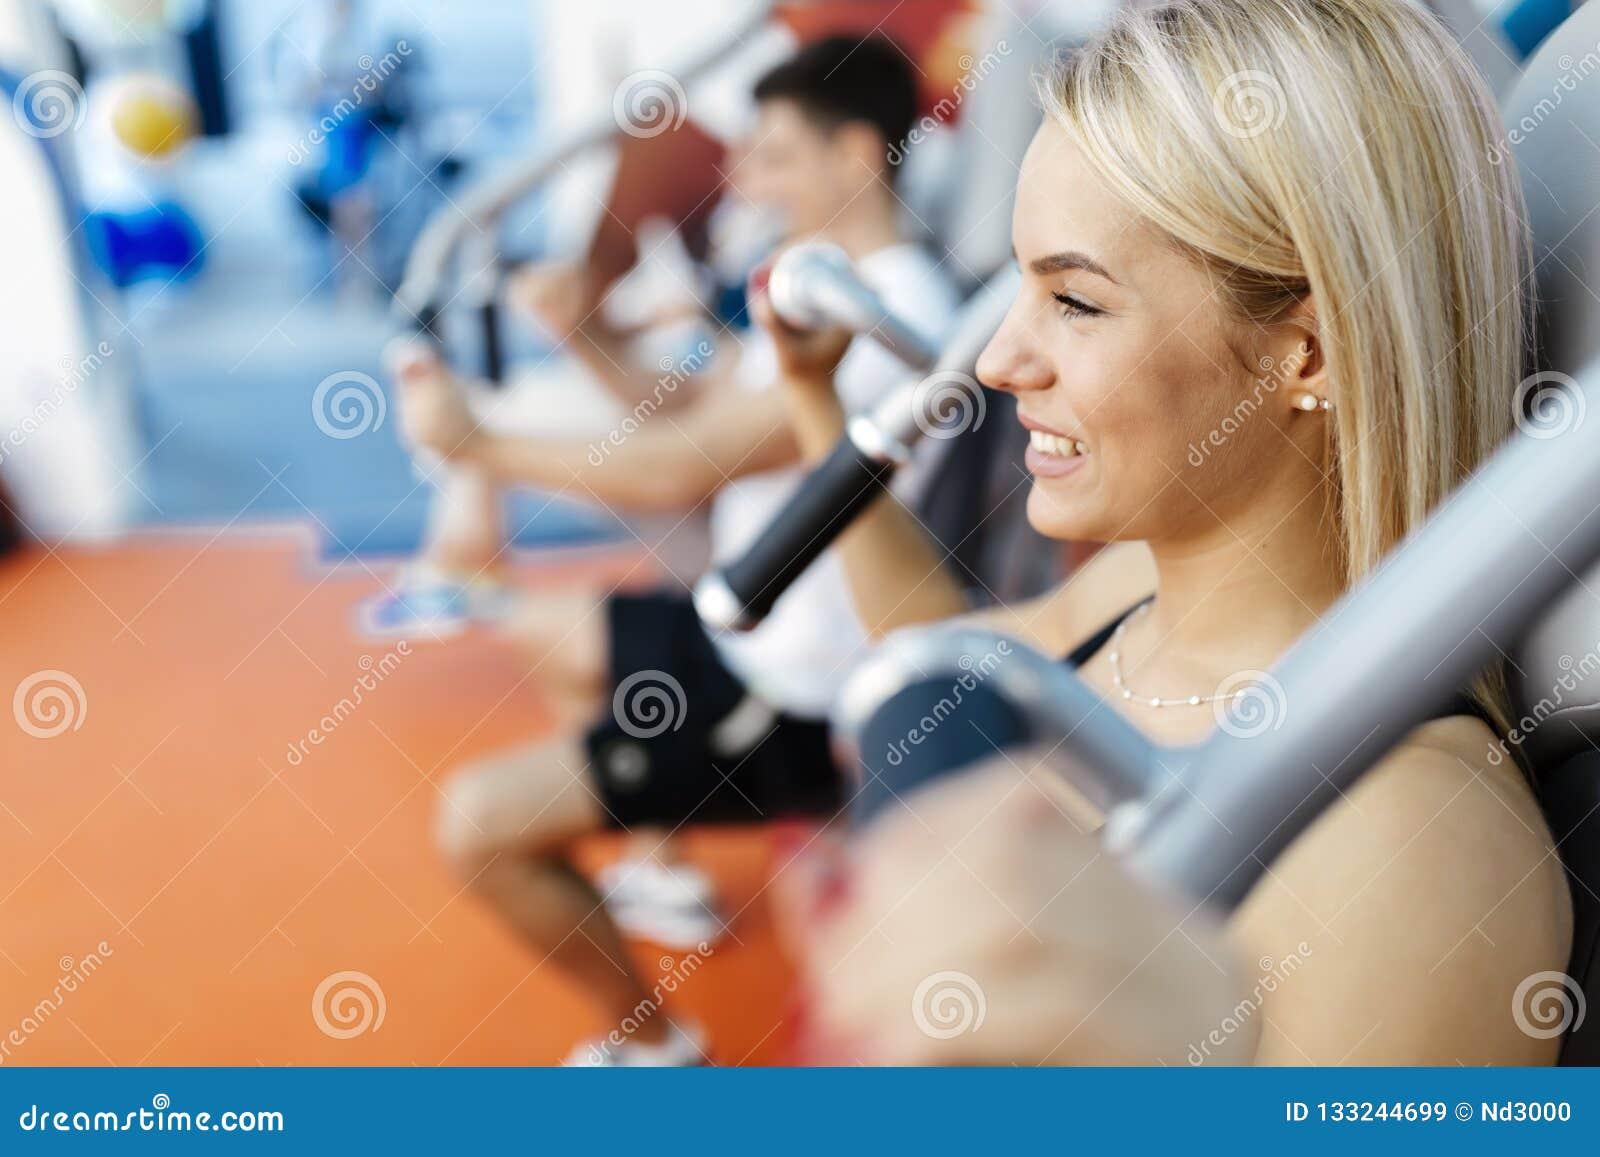 Mensen die in gymnastiek uitoefenen